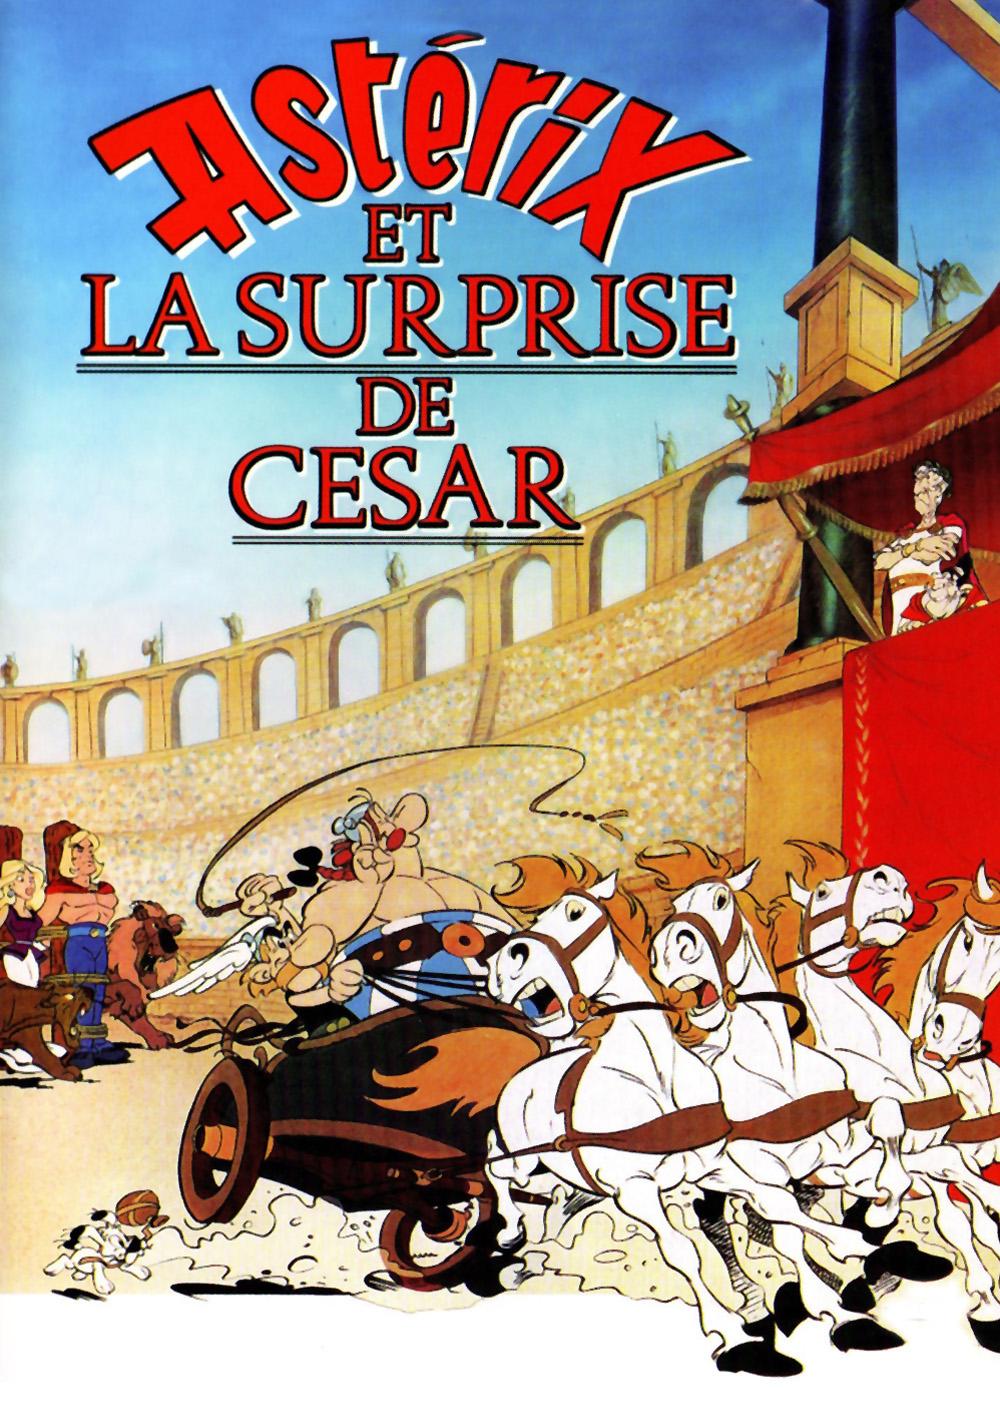 Astérix et la surprise de césar 40f42-asterix-vs-caesar-533afea982443